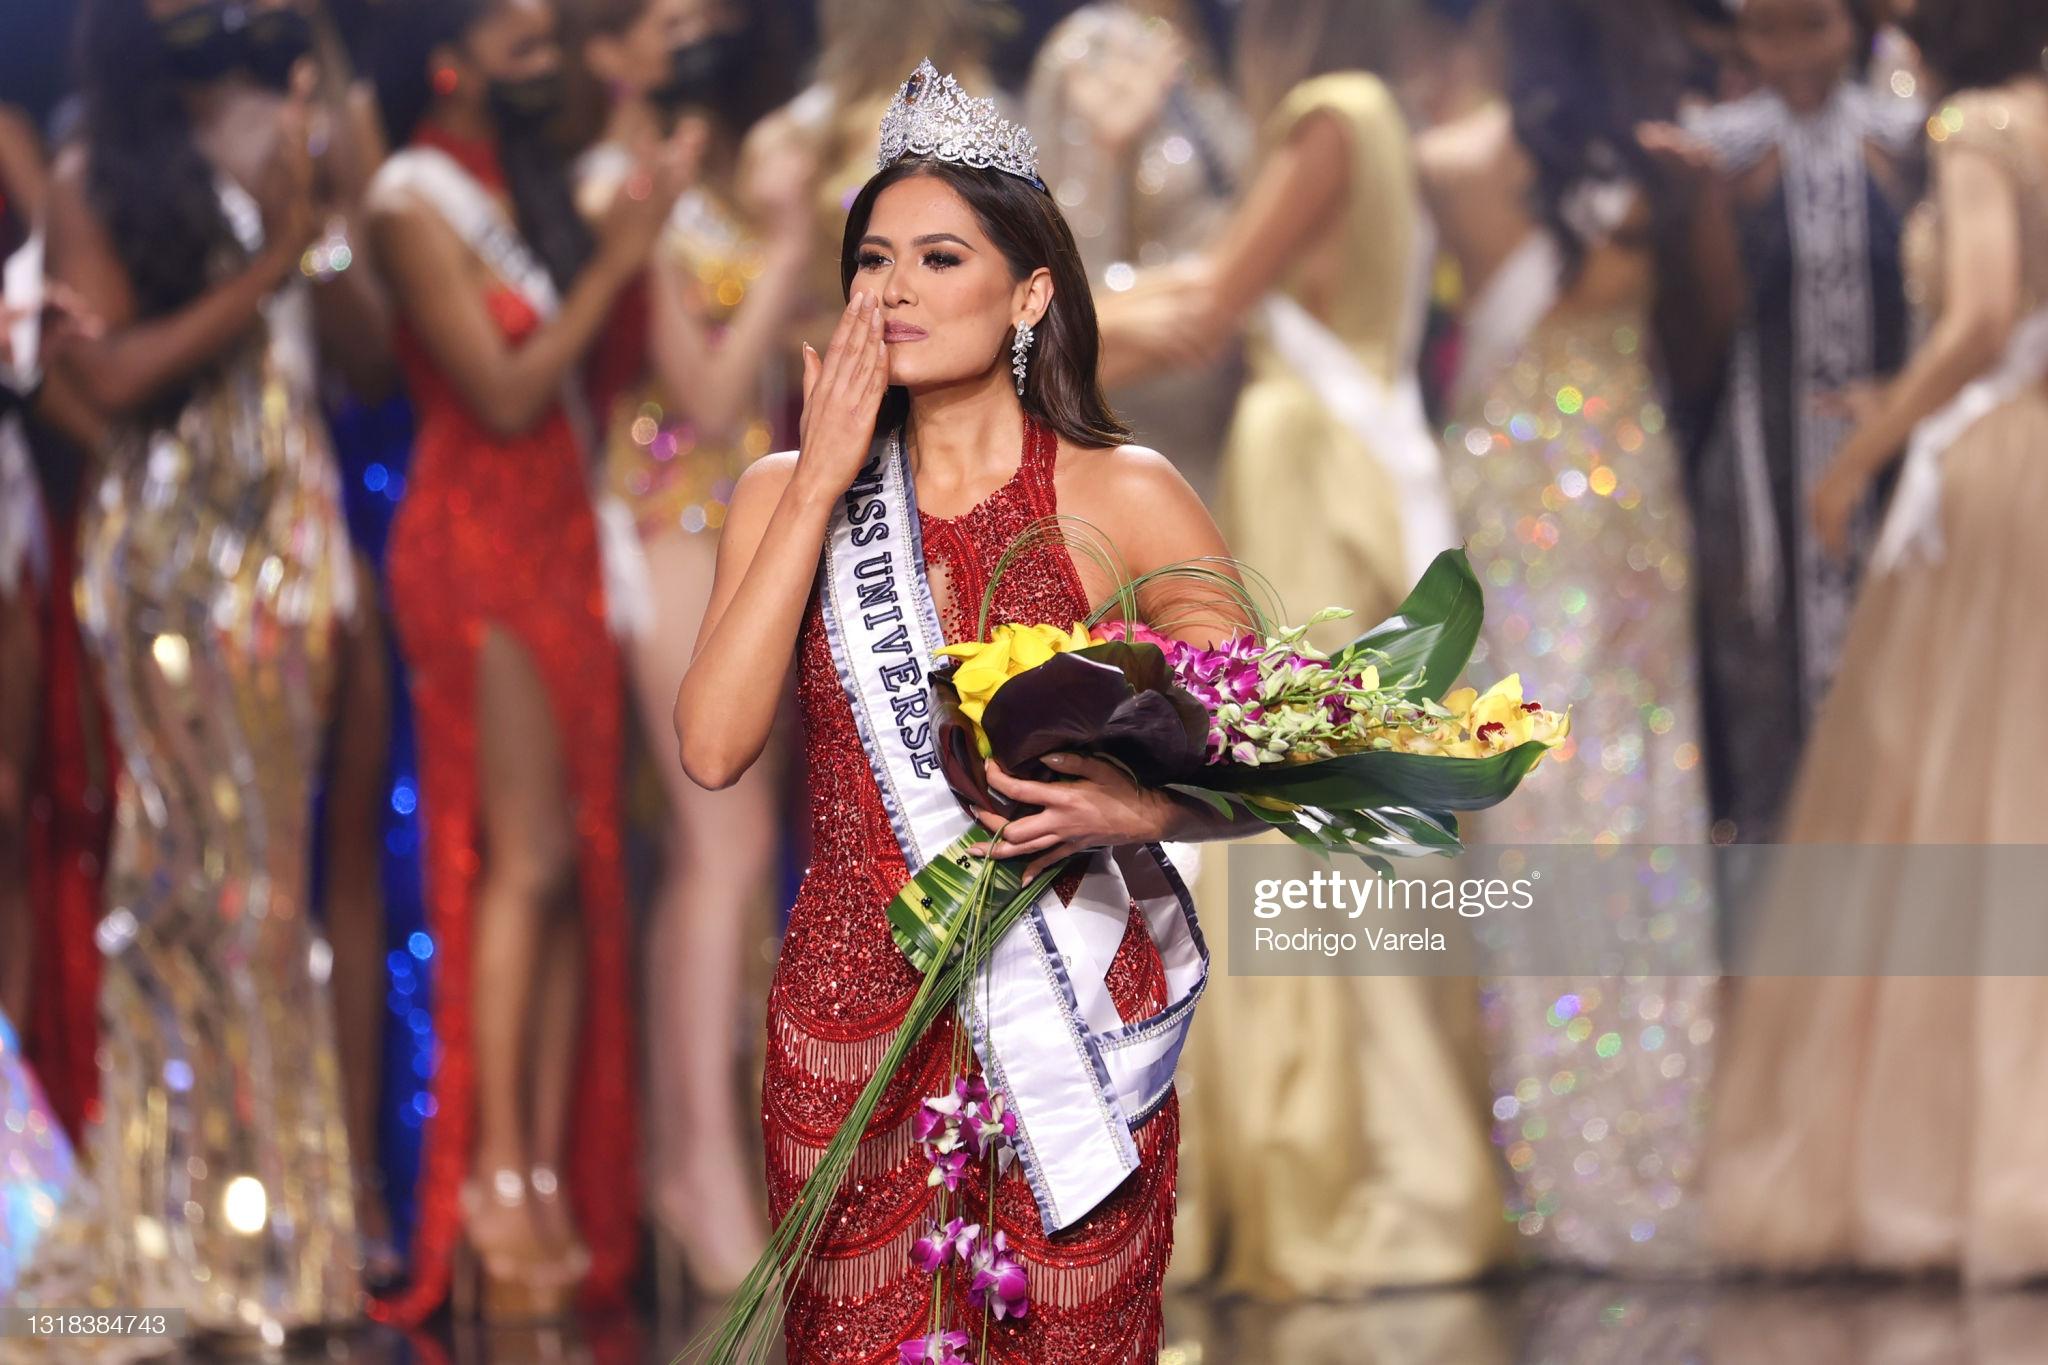 Tân Hoa hậu Hoàn vũ Andrea Meza mặc cái gì thế này? - Ảnh 1.